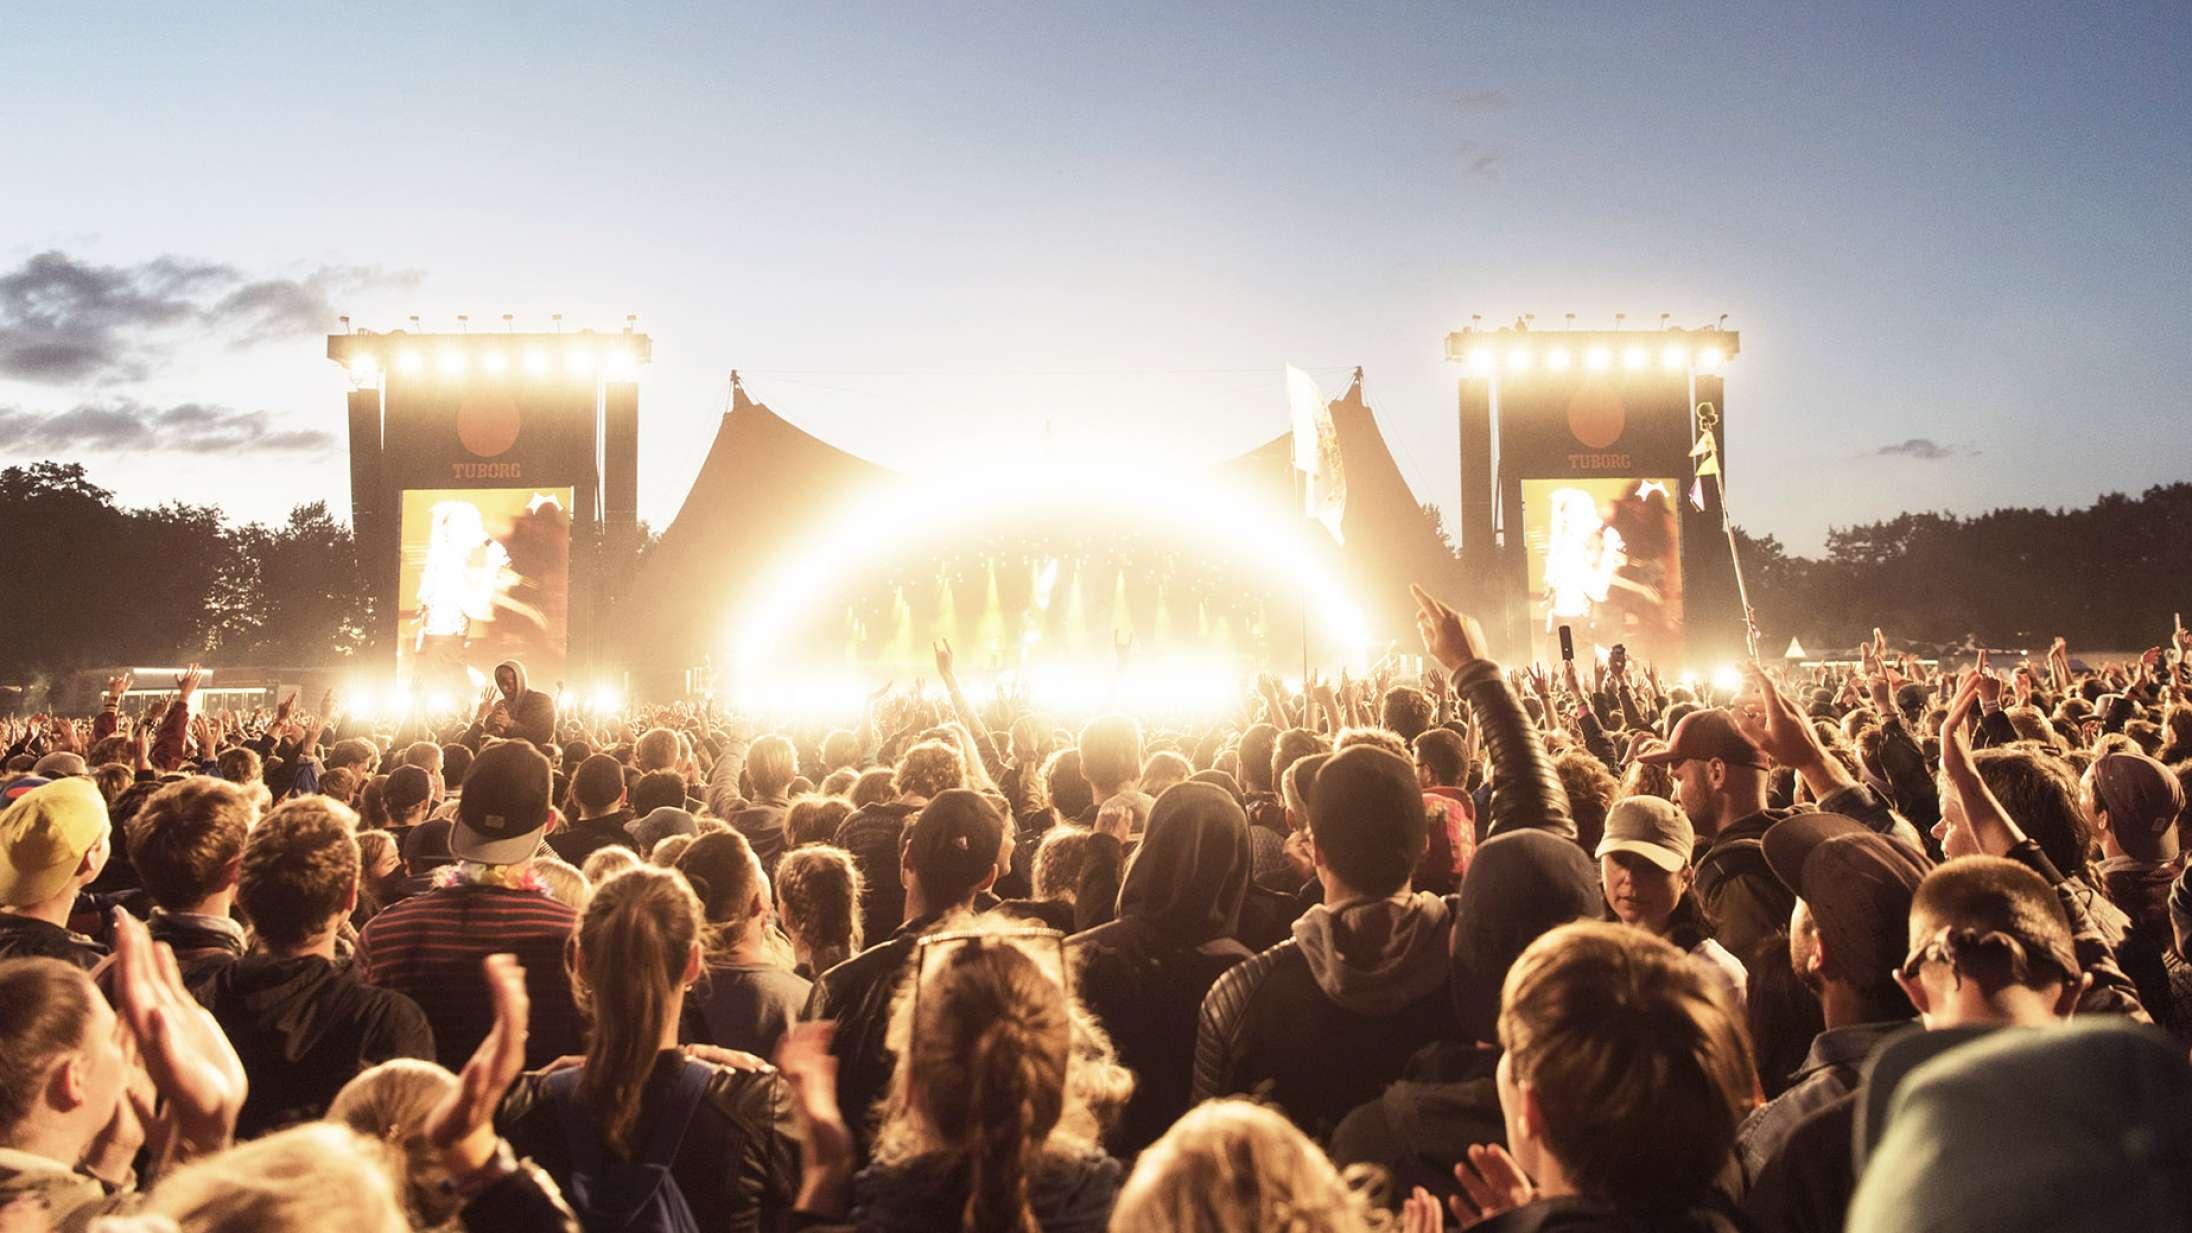 Sommerens store musikfestivaler er aflyst: Roskilde Festival, NorthSide, Smukfest m.fl.